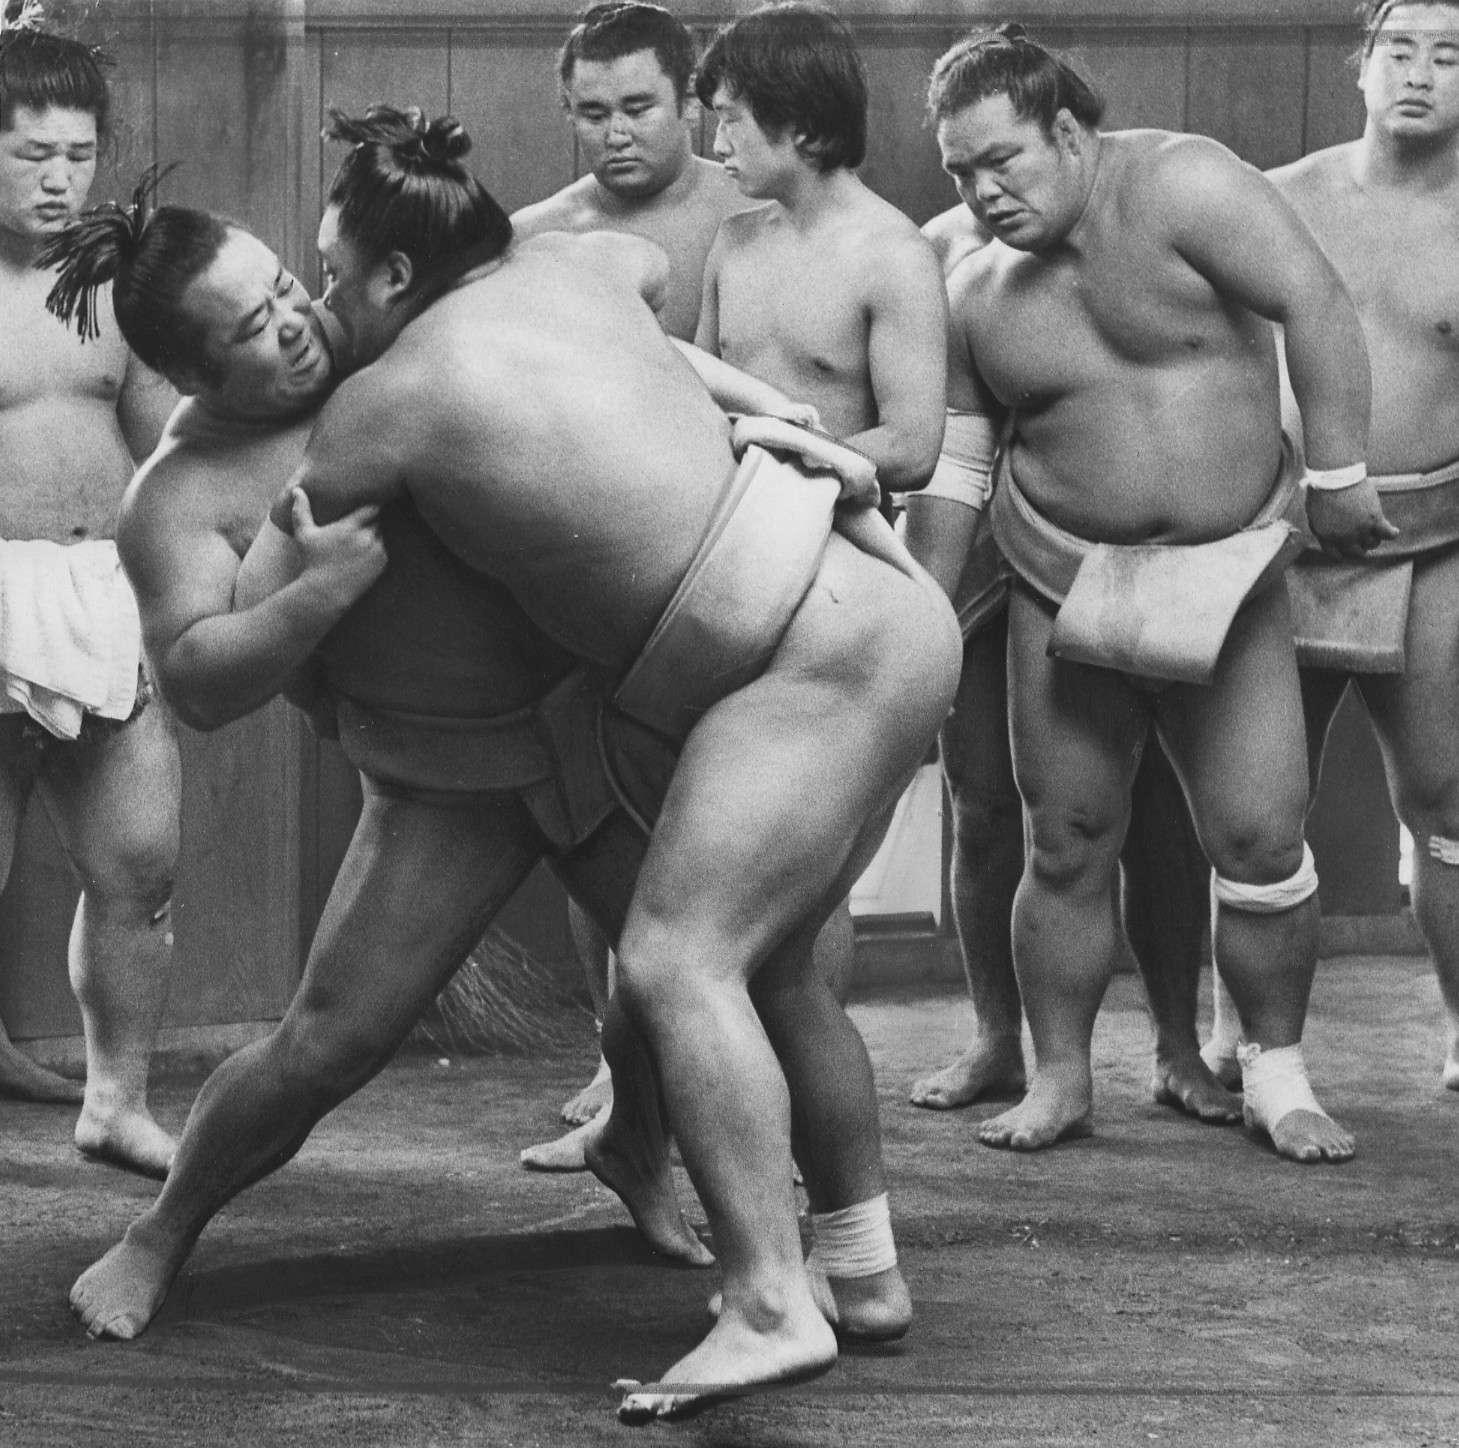 ざく 相撲 こと ら